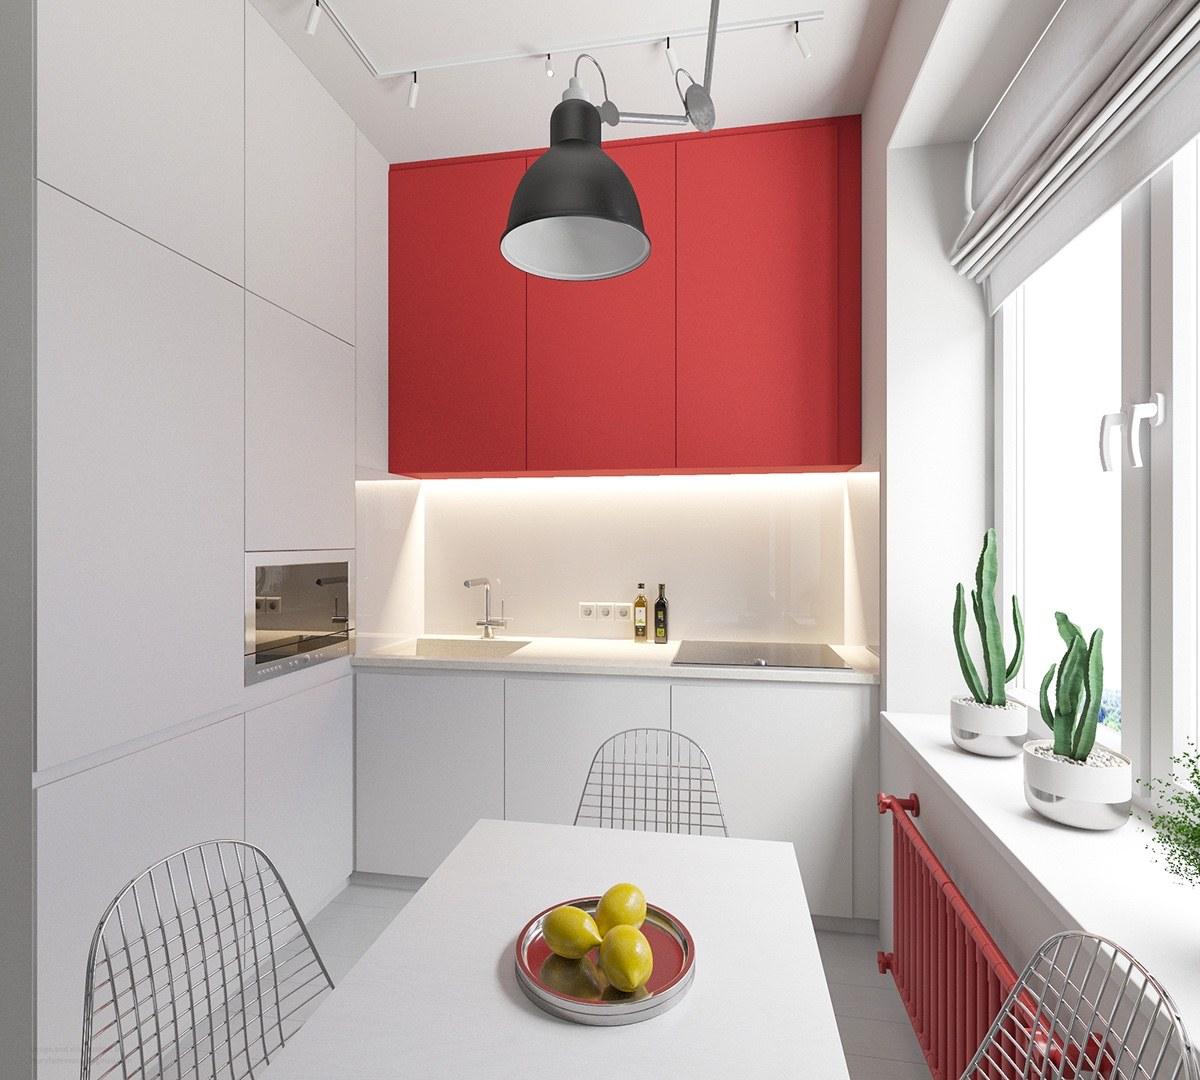 Необычный выбор цвета для интерьера: фото-тур по трем современным квартирам